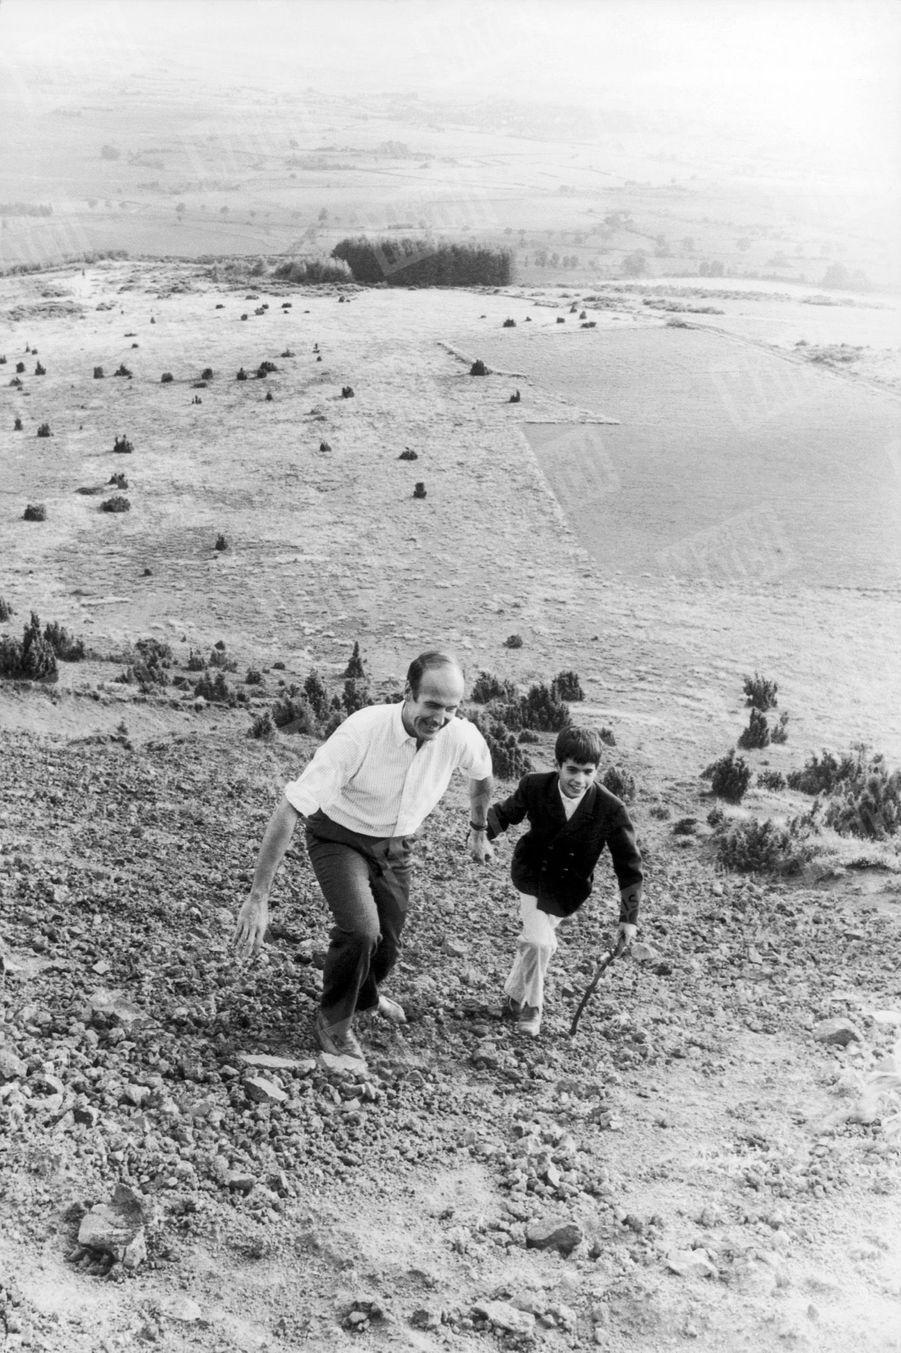 Valéry Giscard d'Estaing en promenade avec son fils Henri, 10 ans, gravissant le puy de Lassolas (1 195 mètres) en Auvergne, en août 1967.